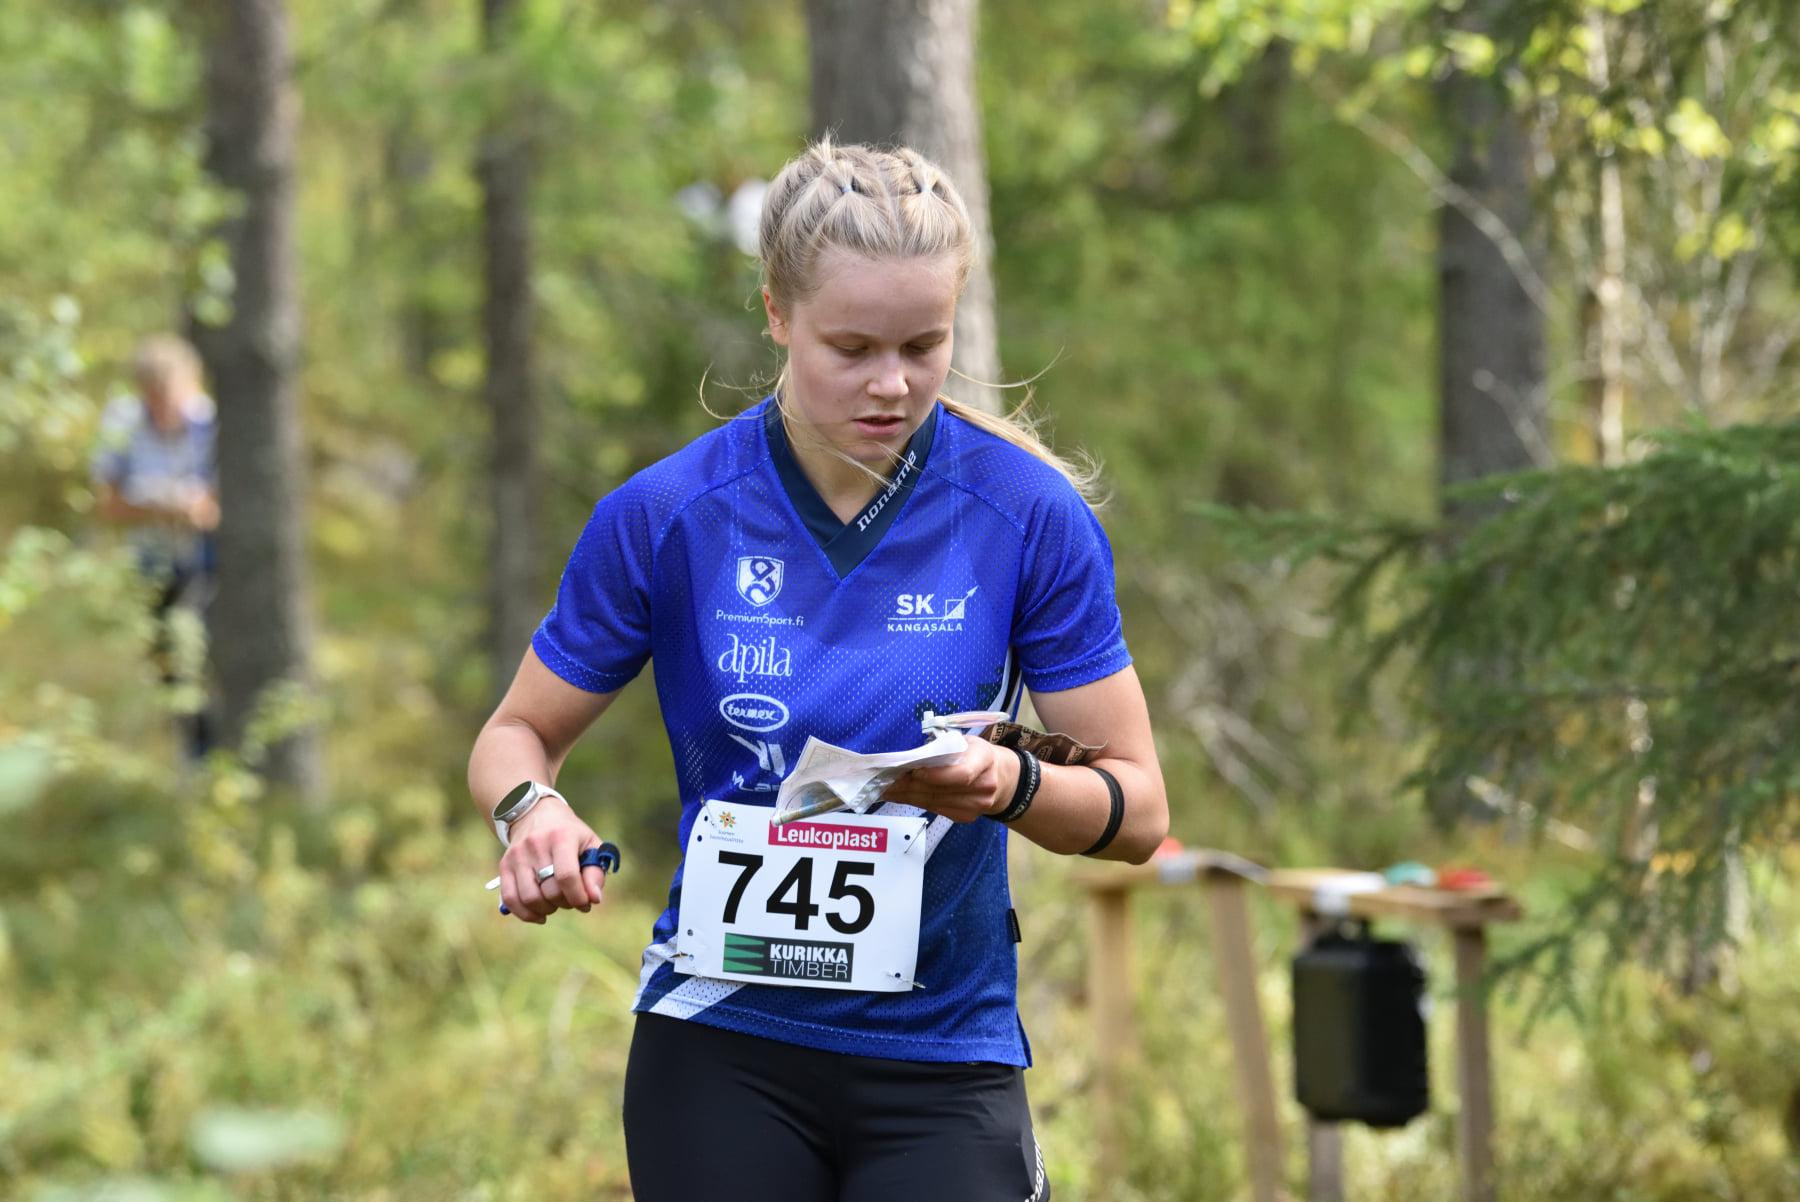 Fanny Kukonlehto matkalla kohti SM-kultaa. Kuva: Teppo Salmia